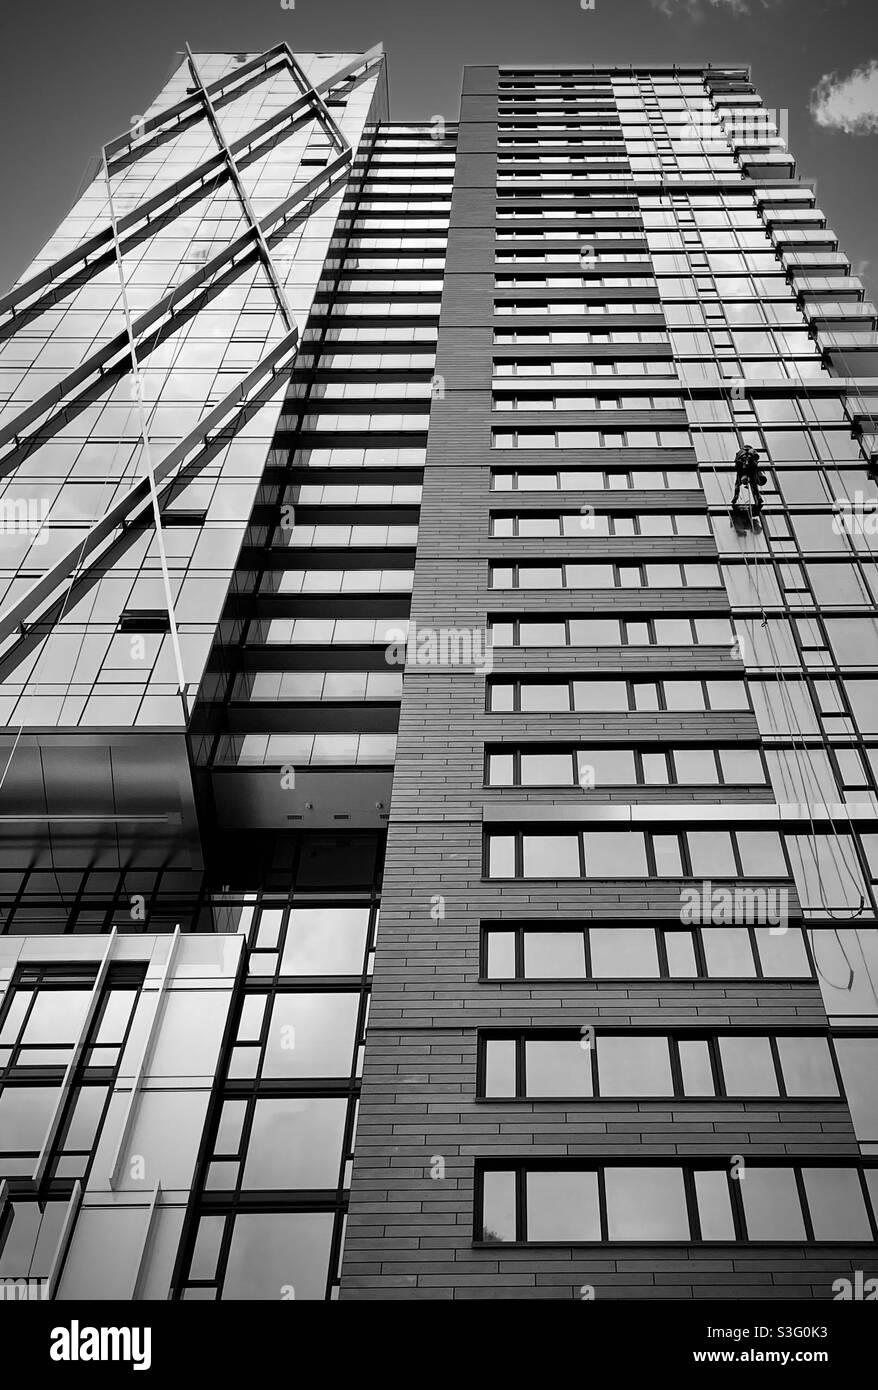 Una lavafinestre in alto che lava un edificio nuovo e moderno. Vancouver, British Columbia. Canada. Foto Stock